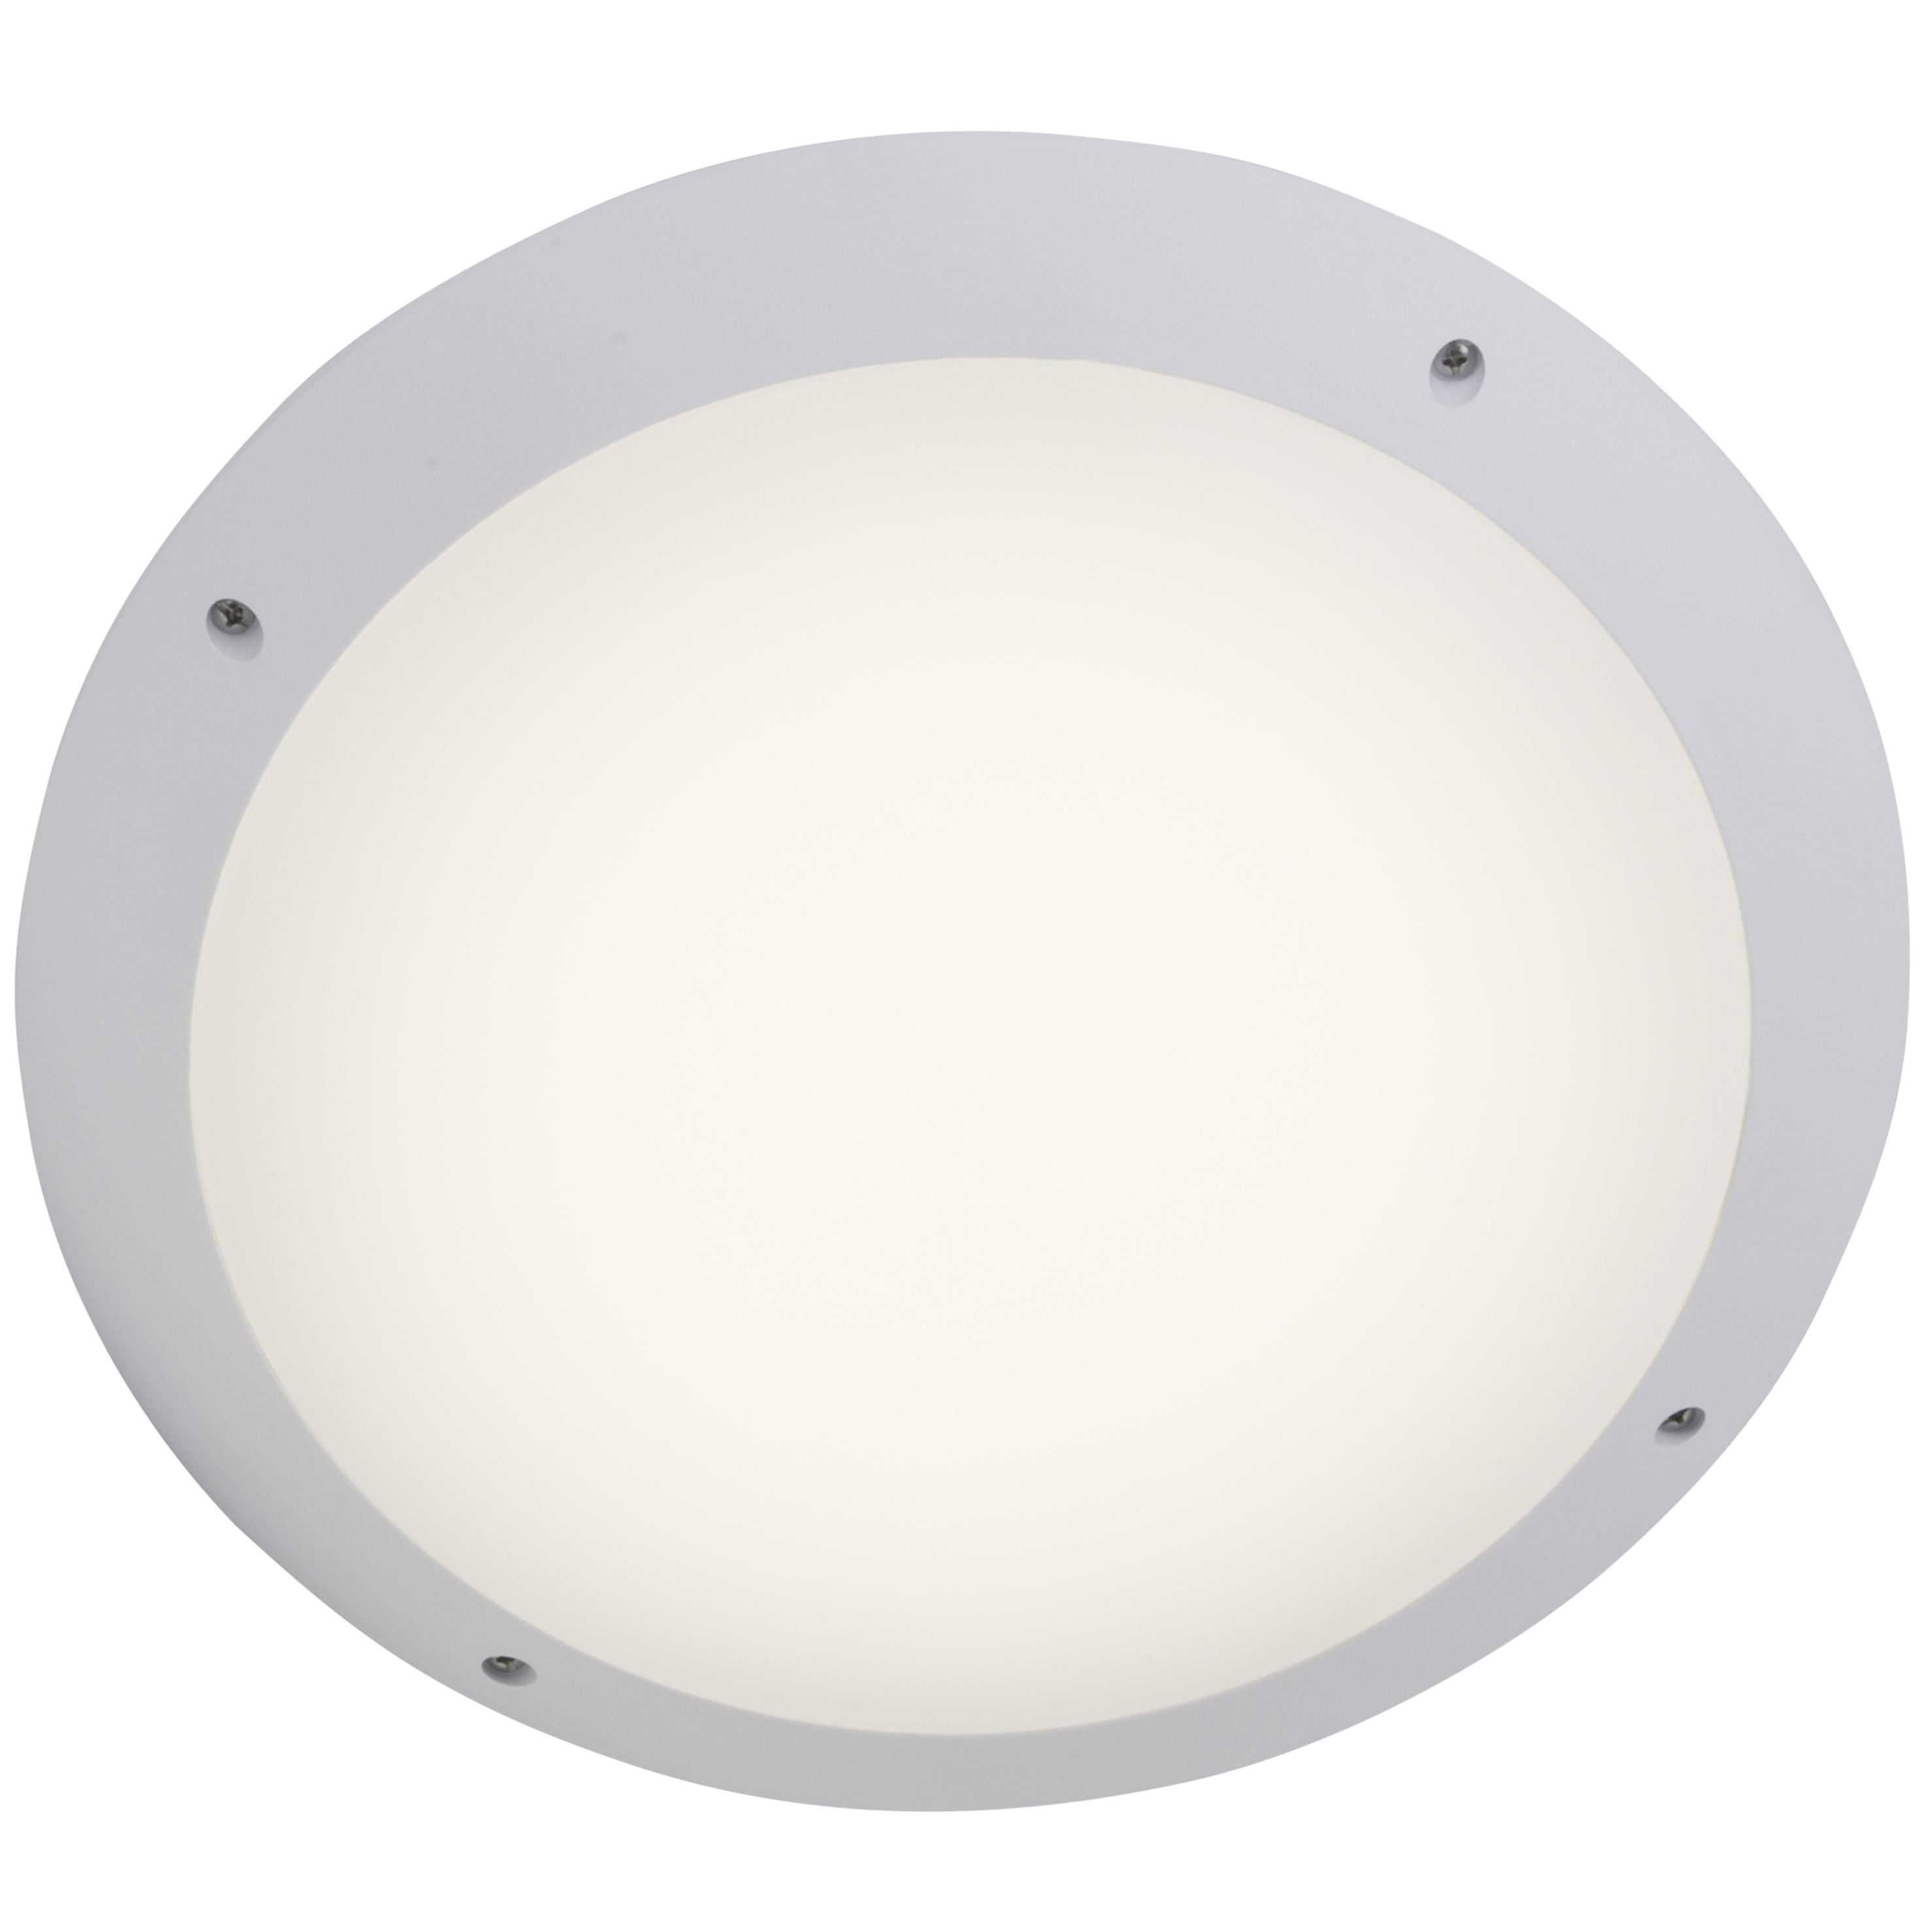 Brilliant Leuchten Medway LED Außendeckenleuchte 30cm weiß Fernbedienung